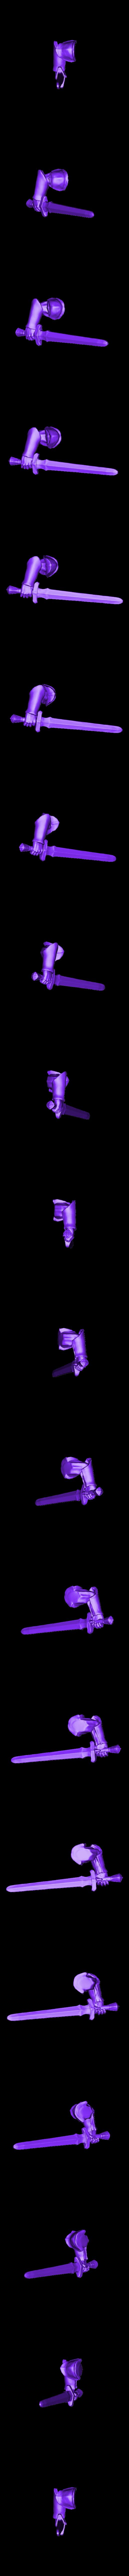 sword_v2.stl Télécharger fichier STL gratuit Infatrie des elfes / Miniatures des lanciers • Plan imprimable en 3D, Ilhadiel